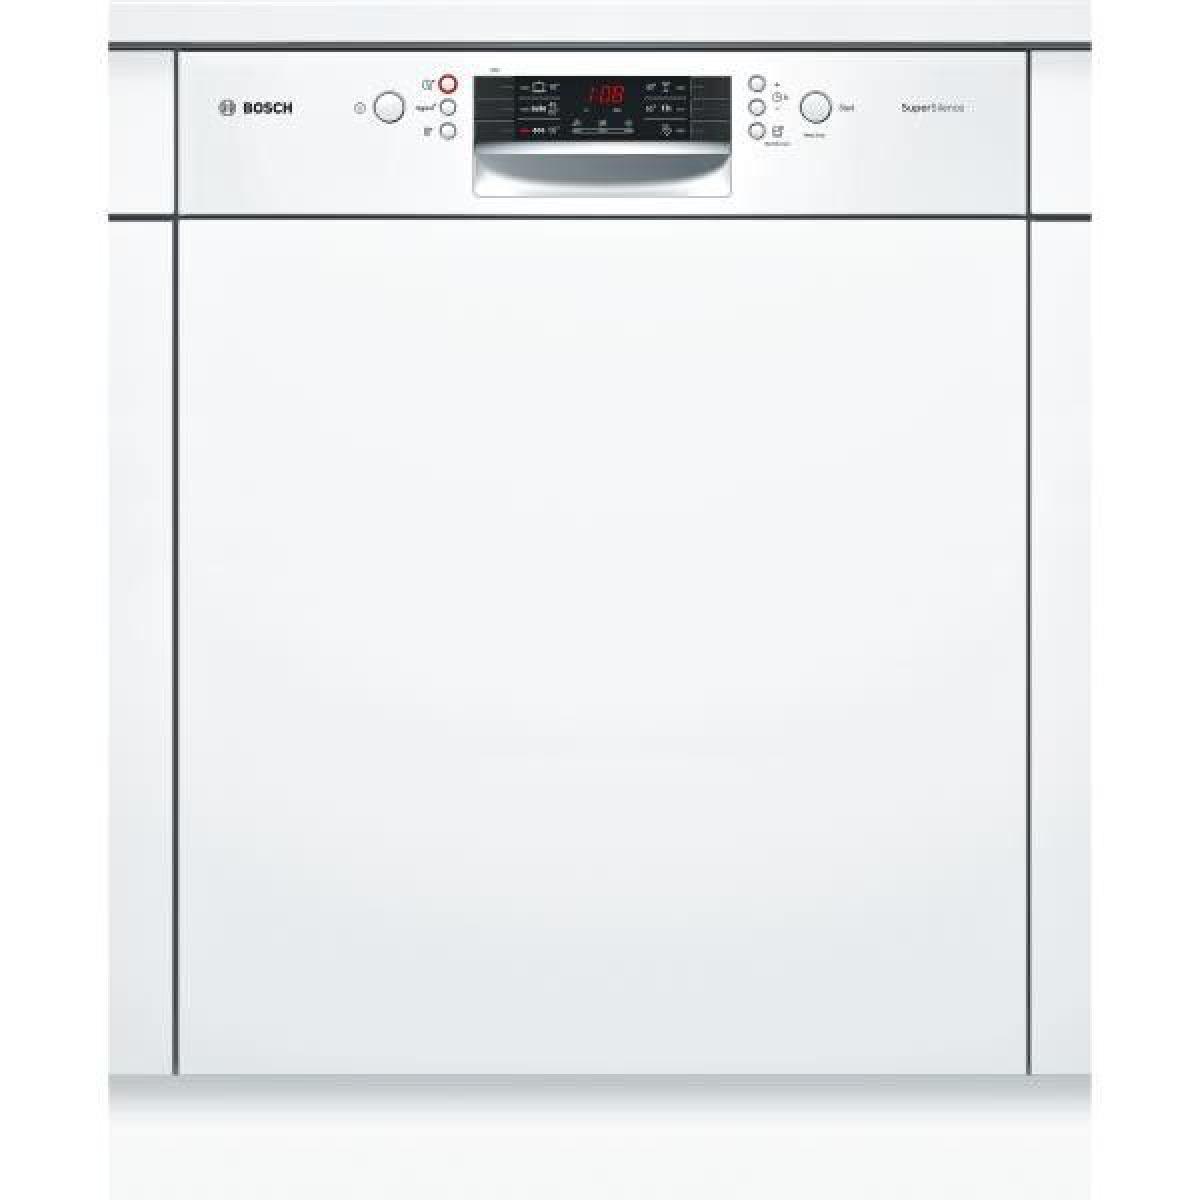 Bosch Lave-vaisselle encastrable BOSCH 13 Couverts 60cm A++, SMI46JW03E